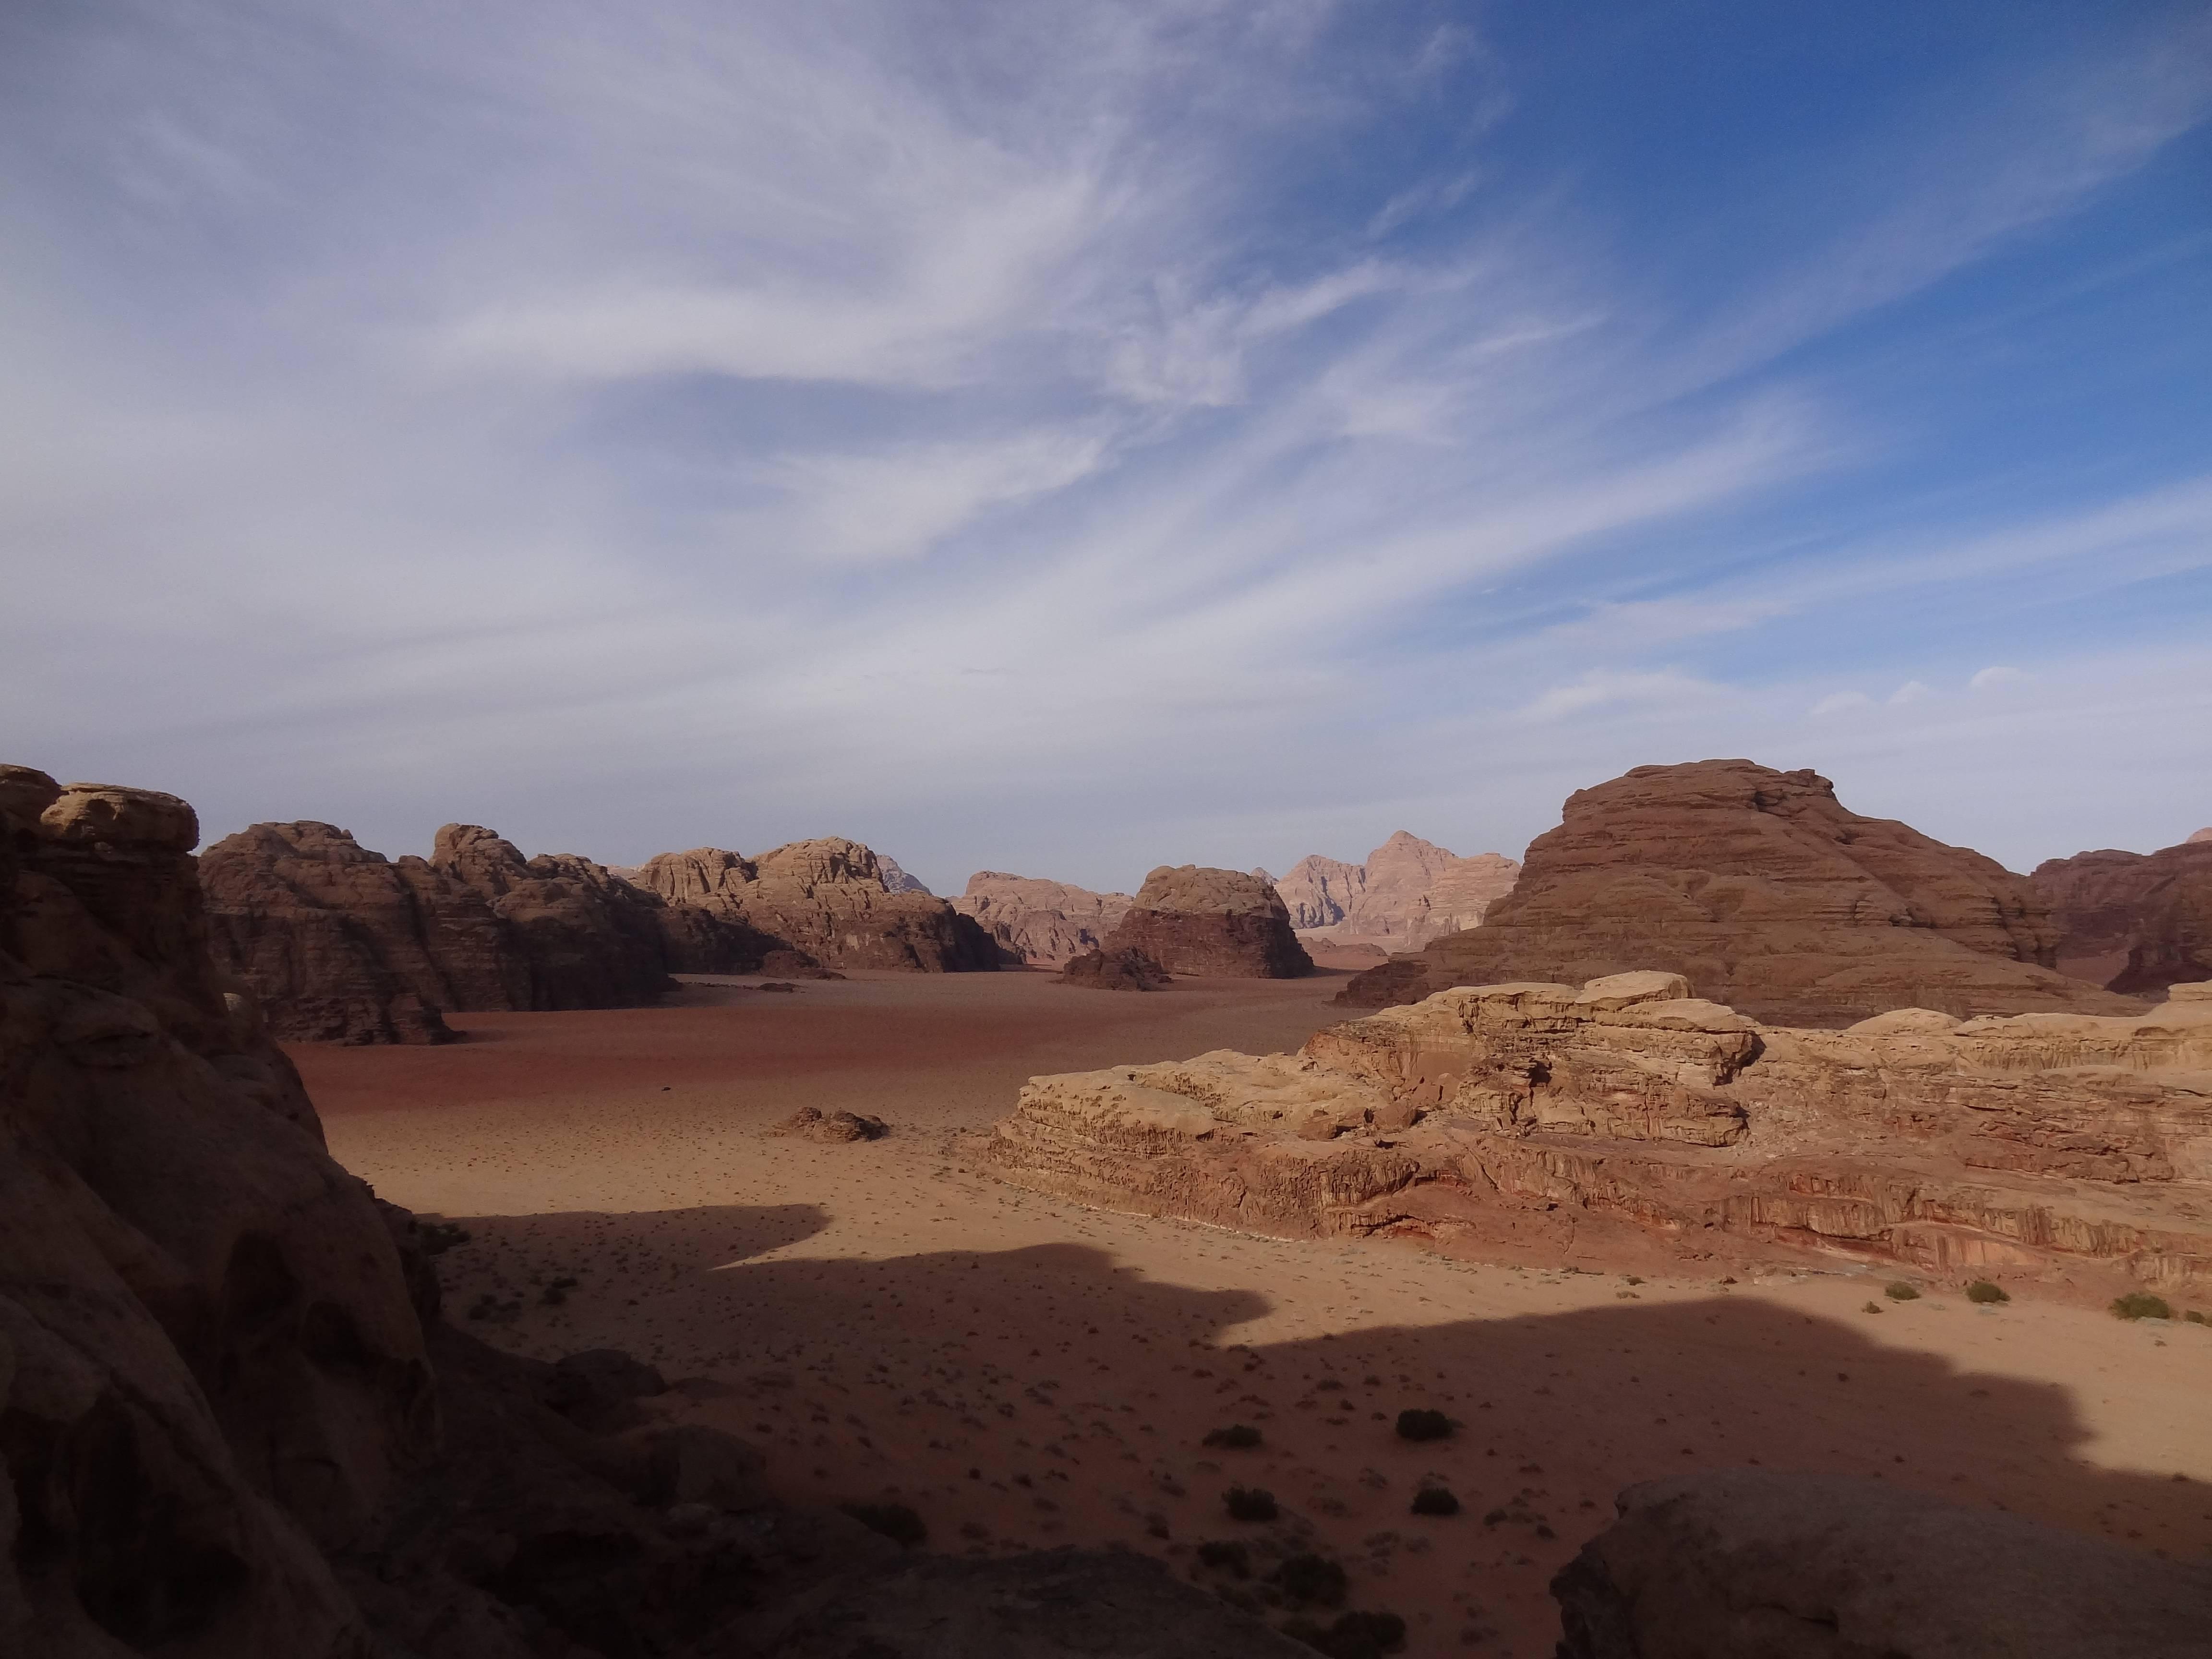 Photo 1: Immersion dans le Wadi Rum